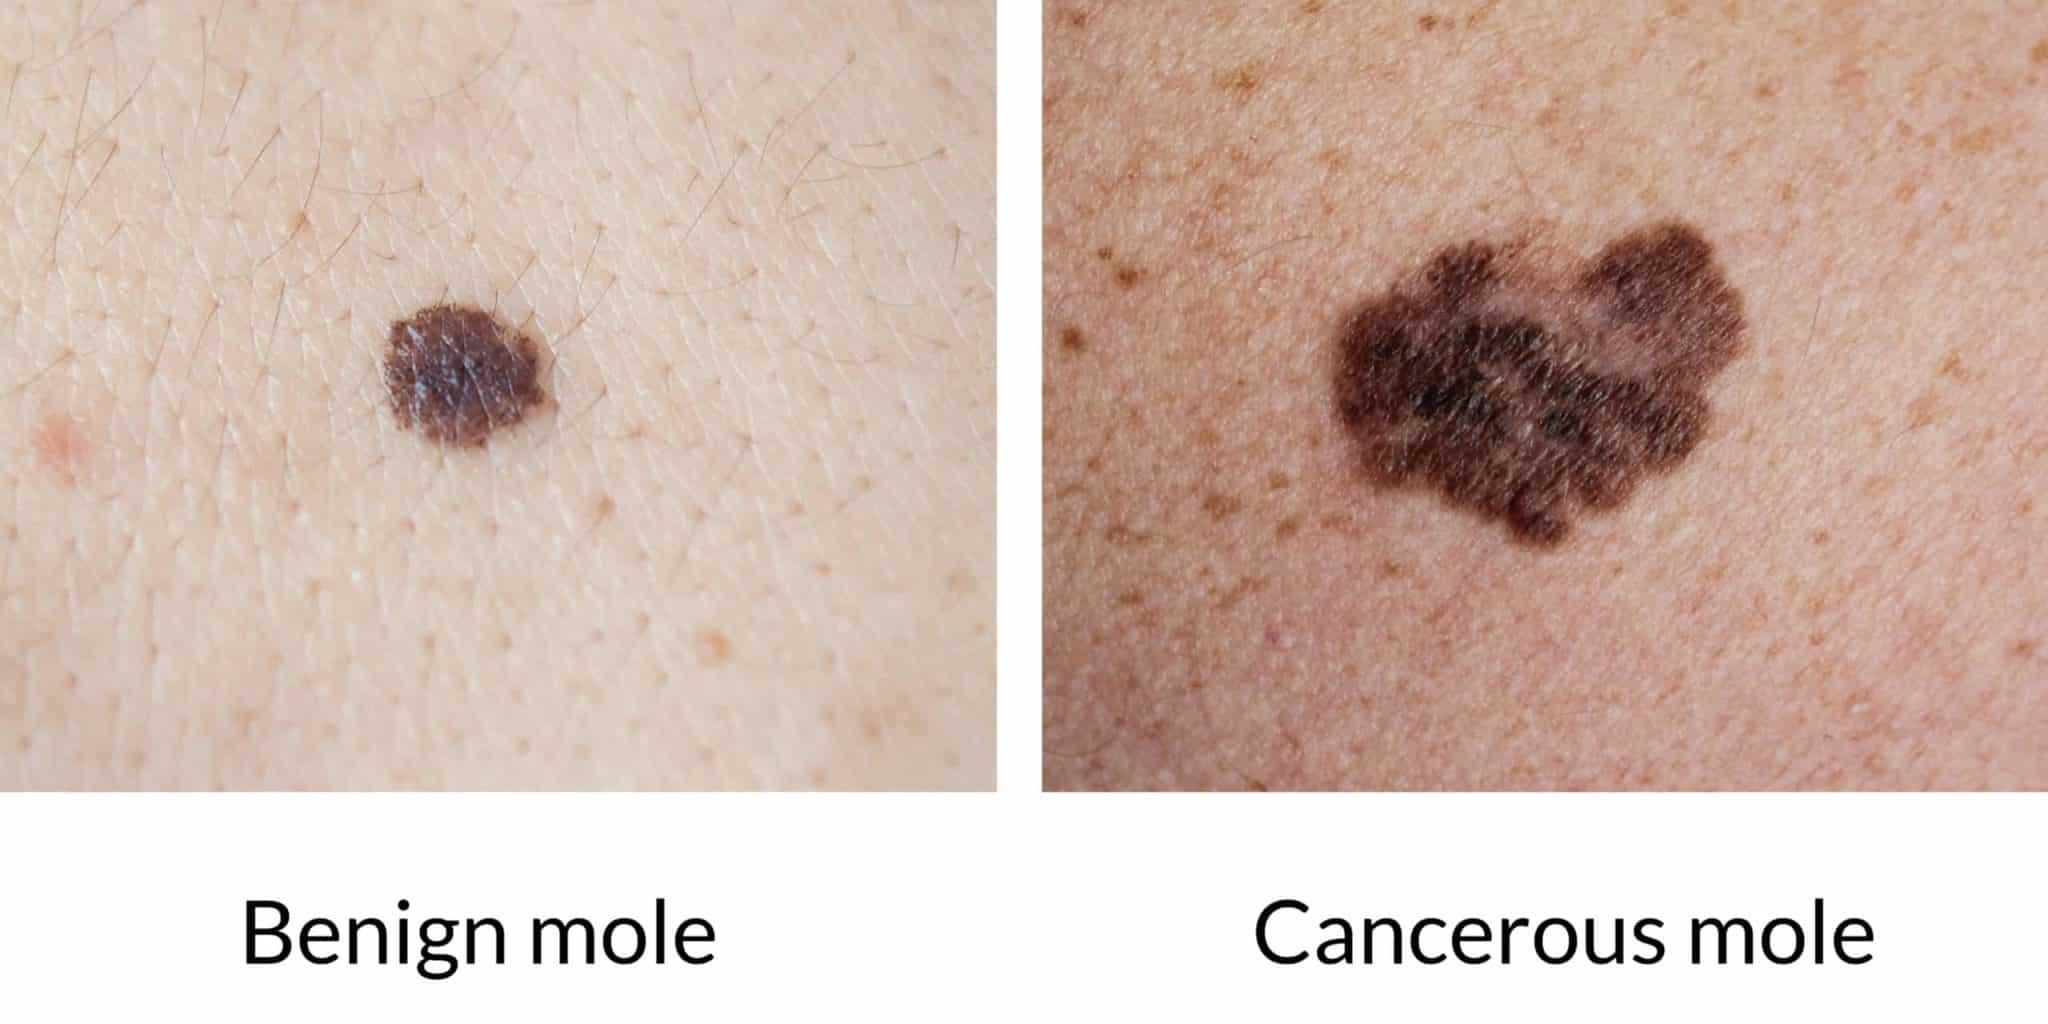 healthy mole vs cancerous mole